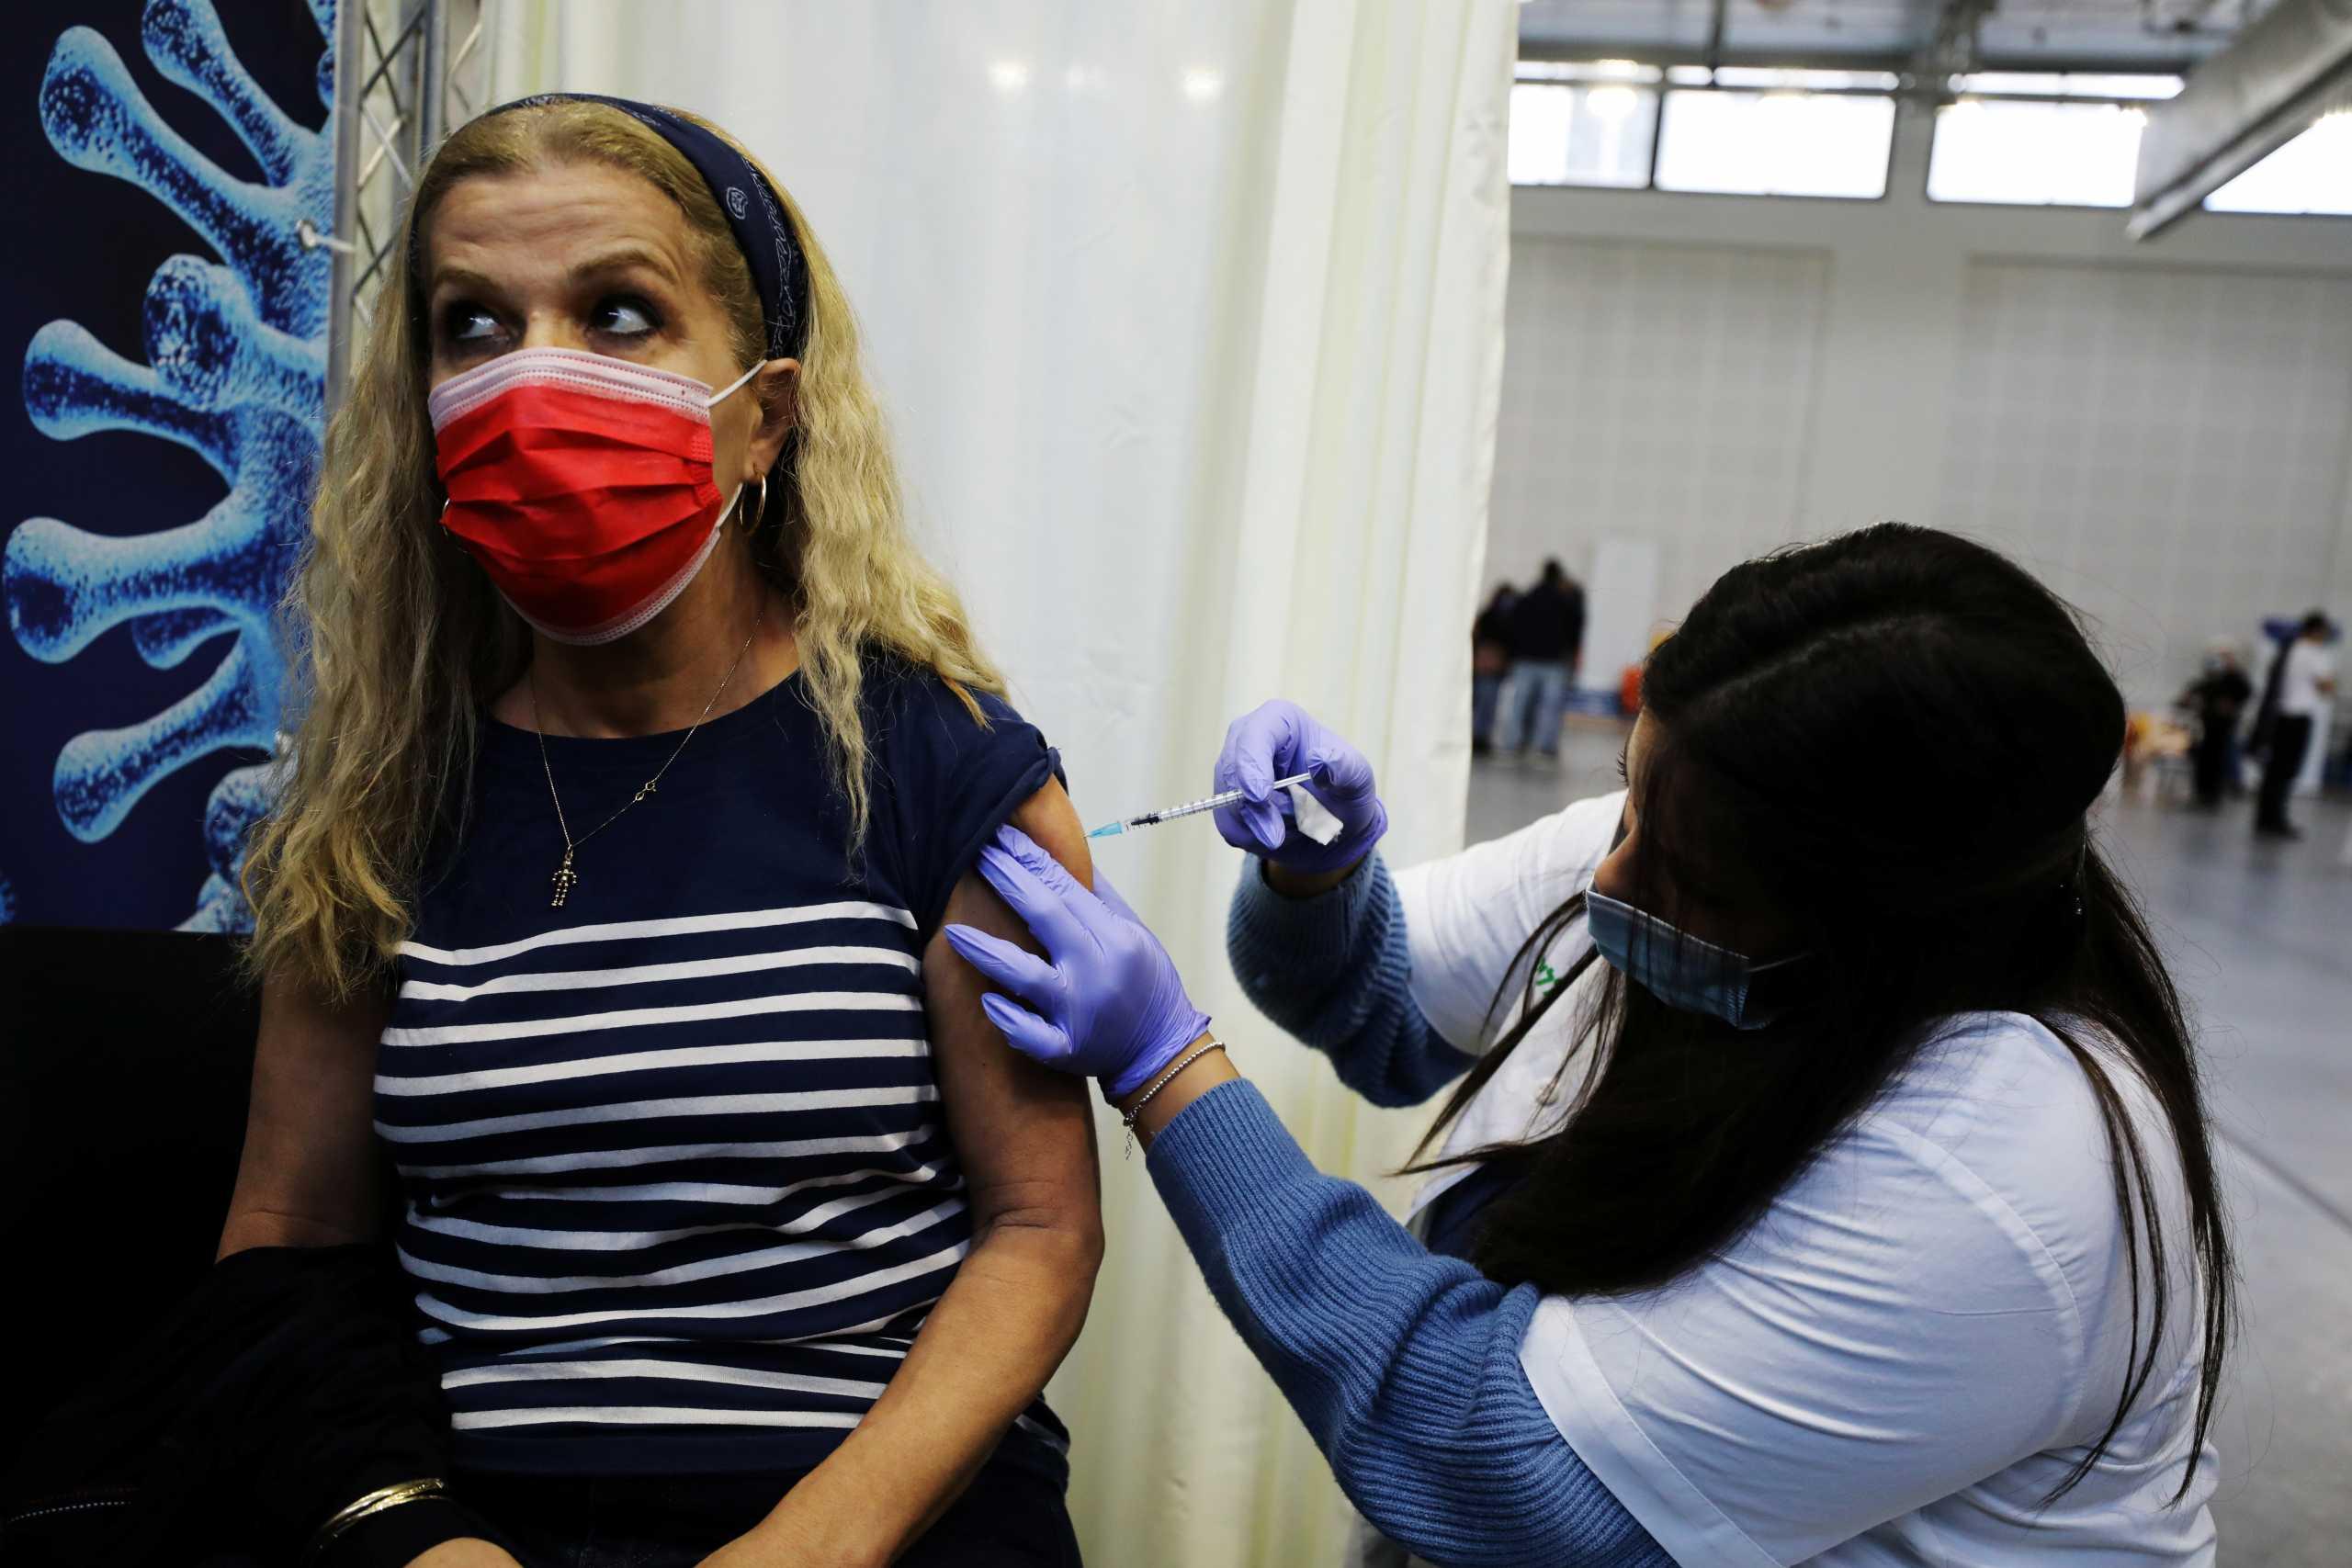 Ισραήλ: Στο 95% η αποτελεσματικότητα του εμβολίου της Pfizer σύμφωνα με μελέτη σε πραγματικές συνθήκες